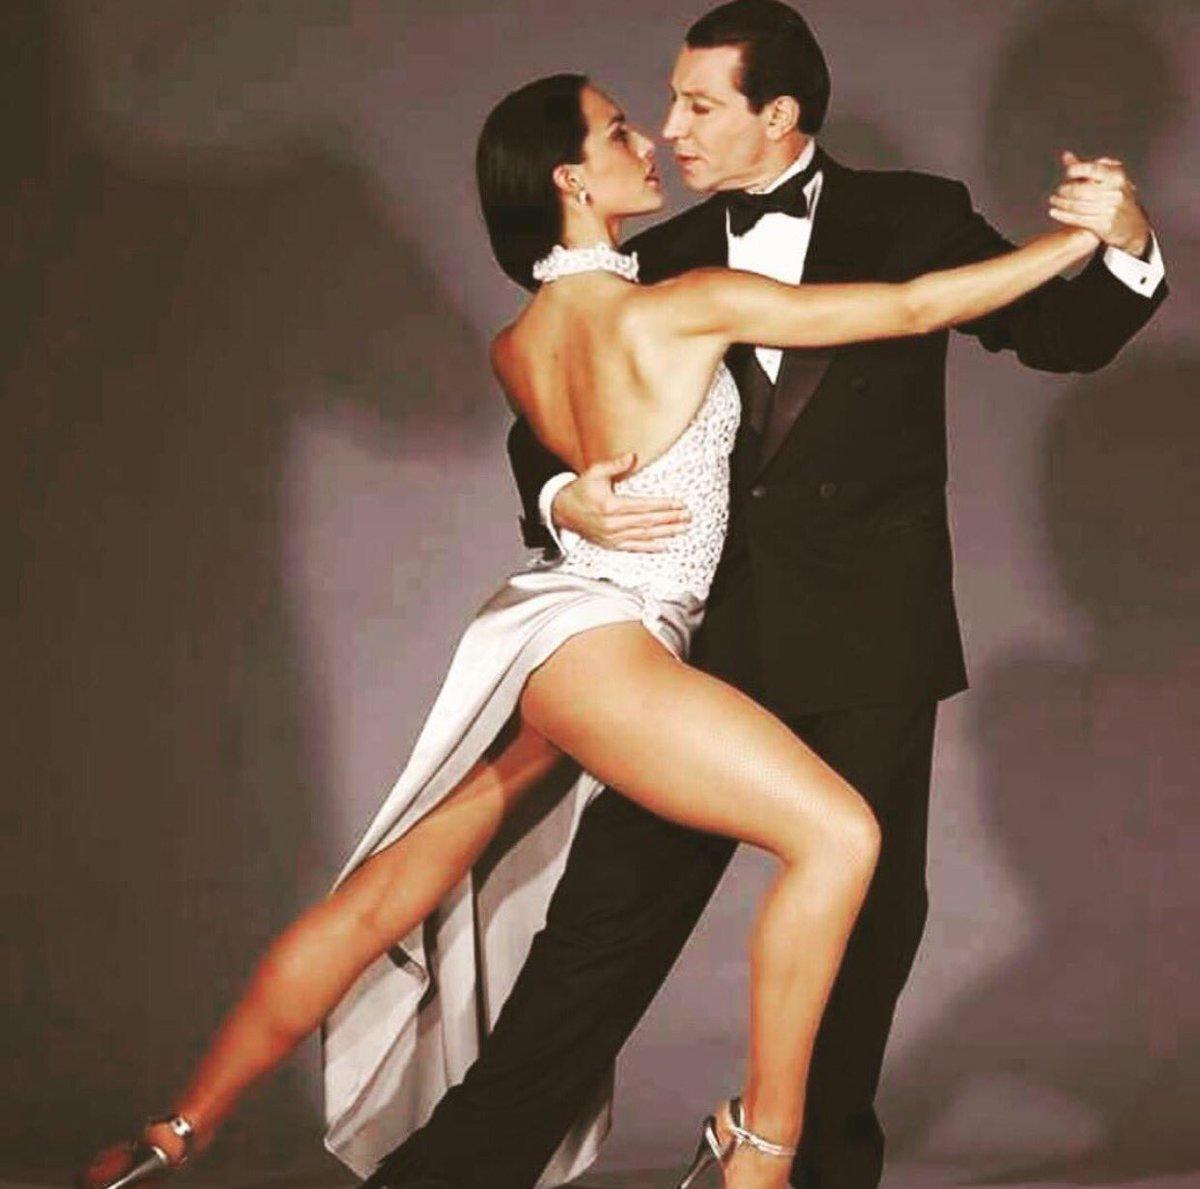 Latino sexy dance